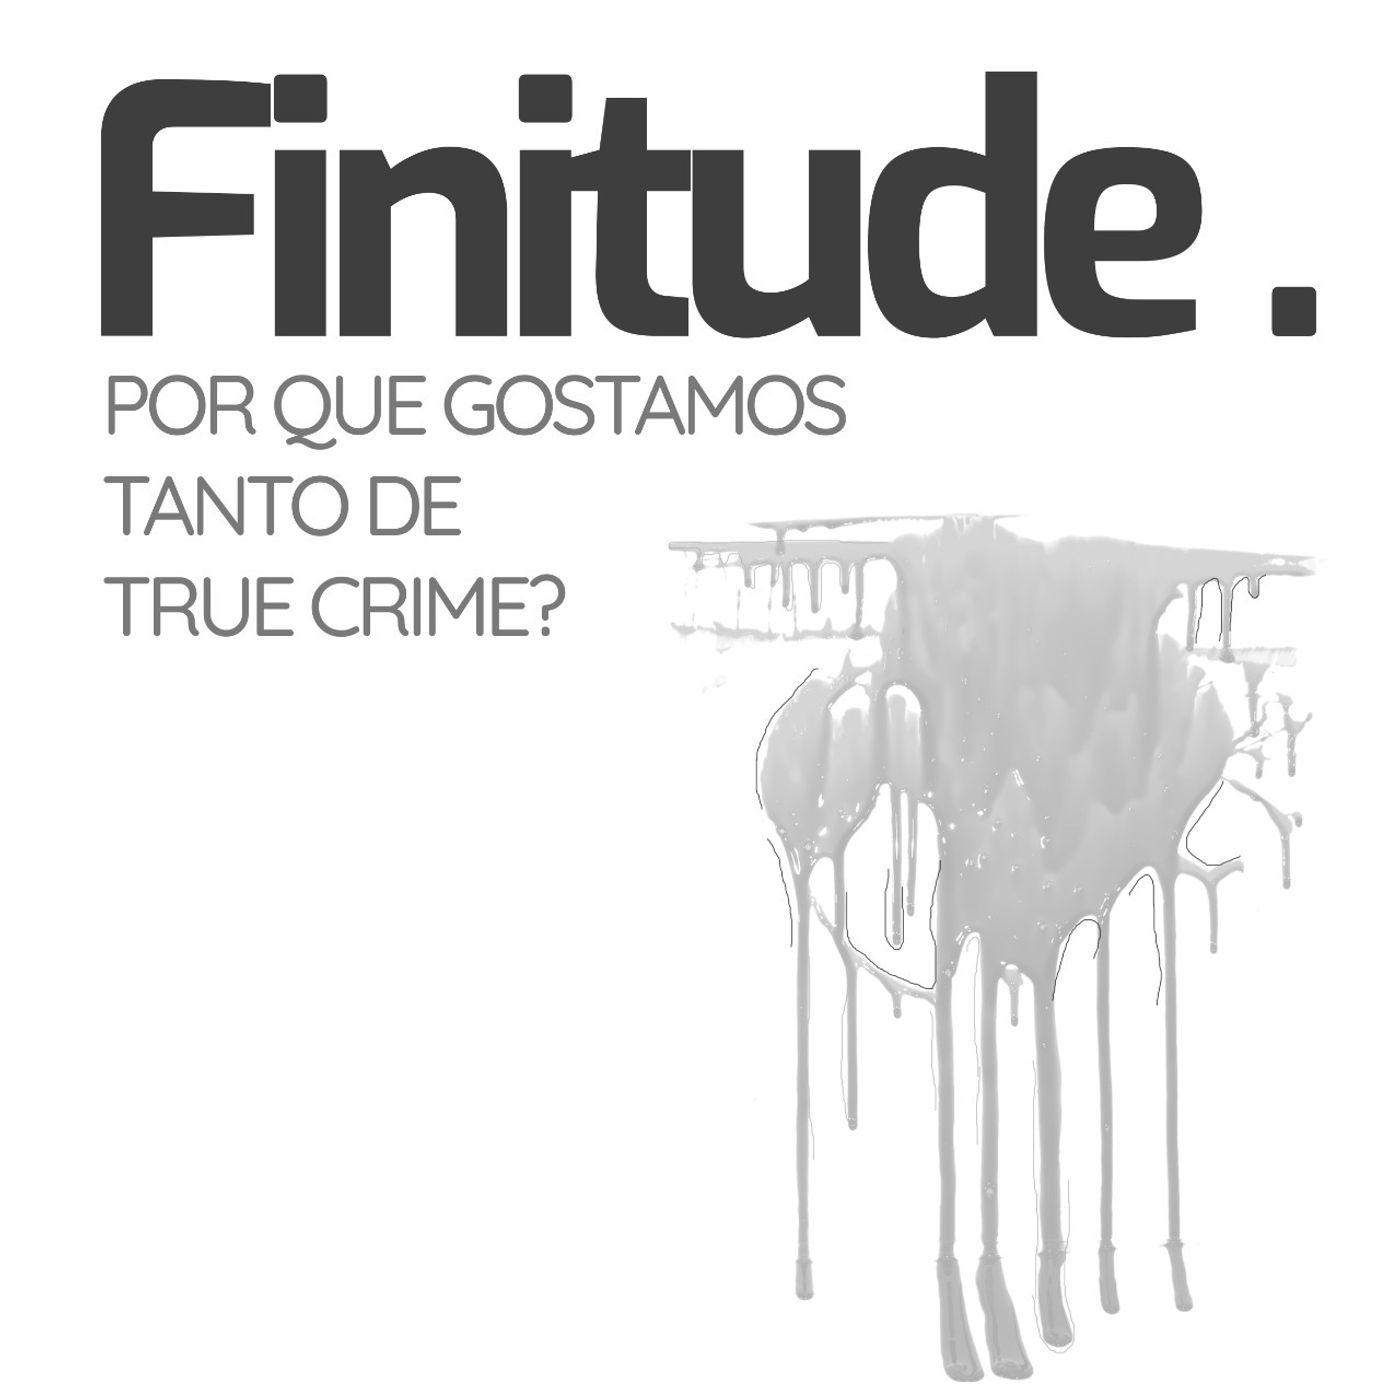 Por que gostamos tanto de true crime?